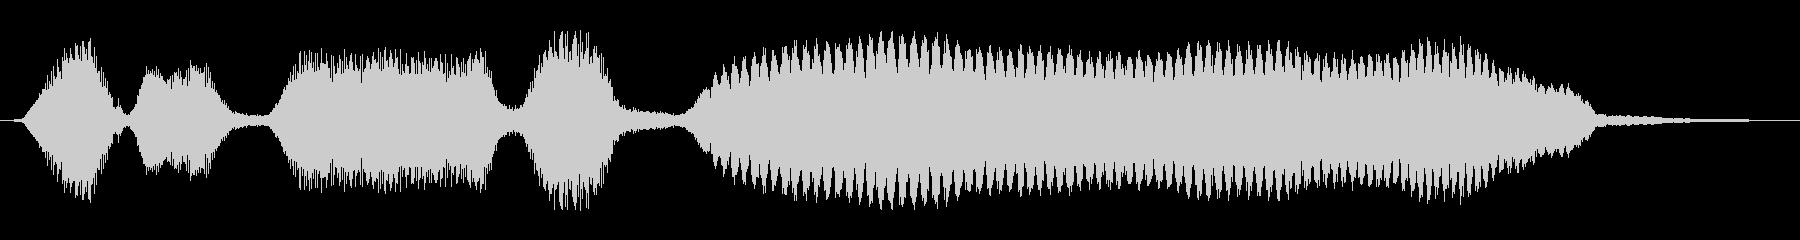 ★ハーモニカ生音のジングル/ほのぼのの未再生の波形